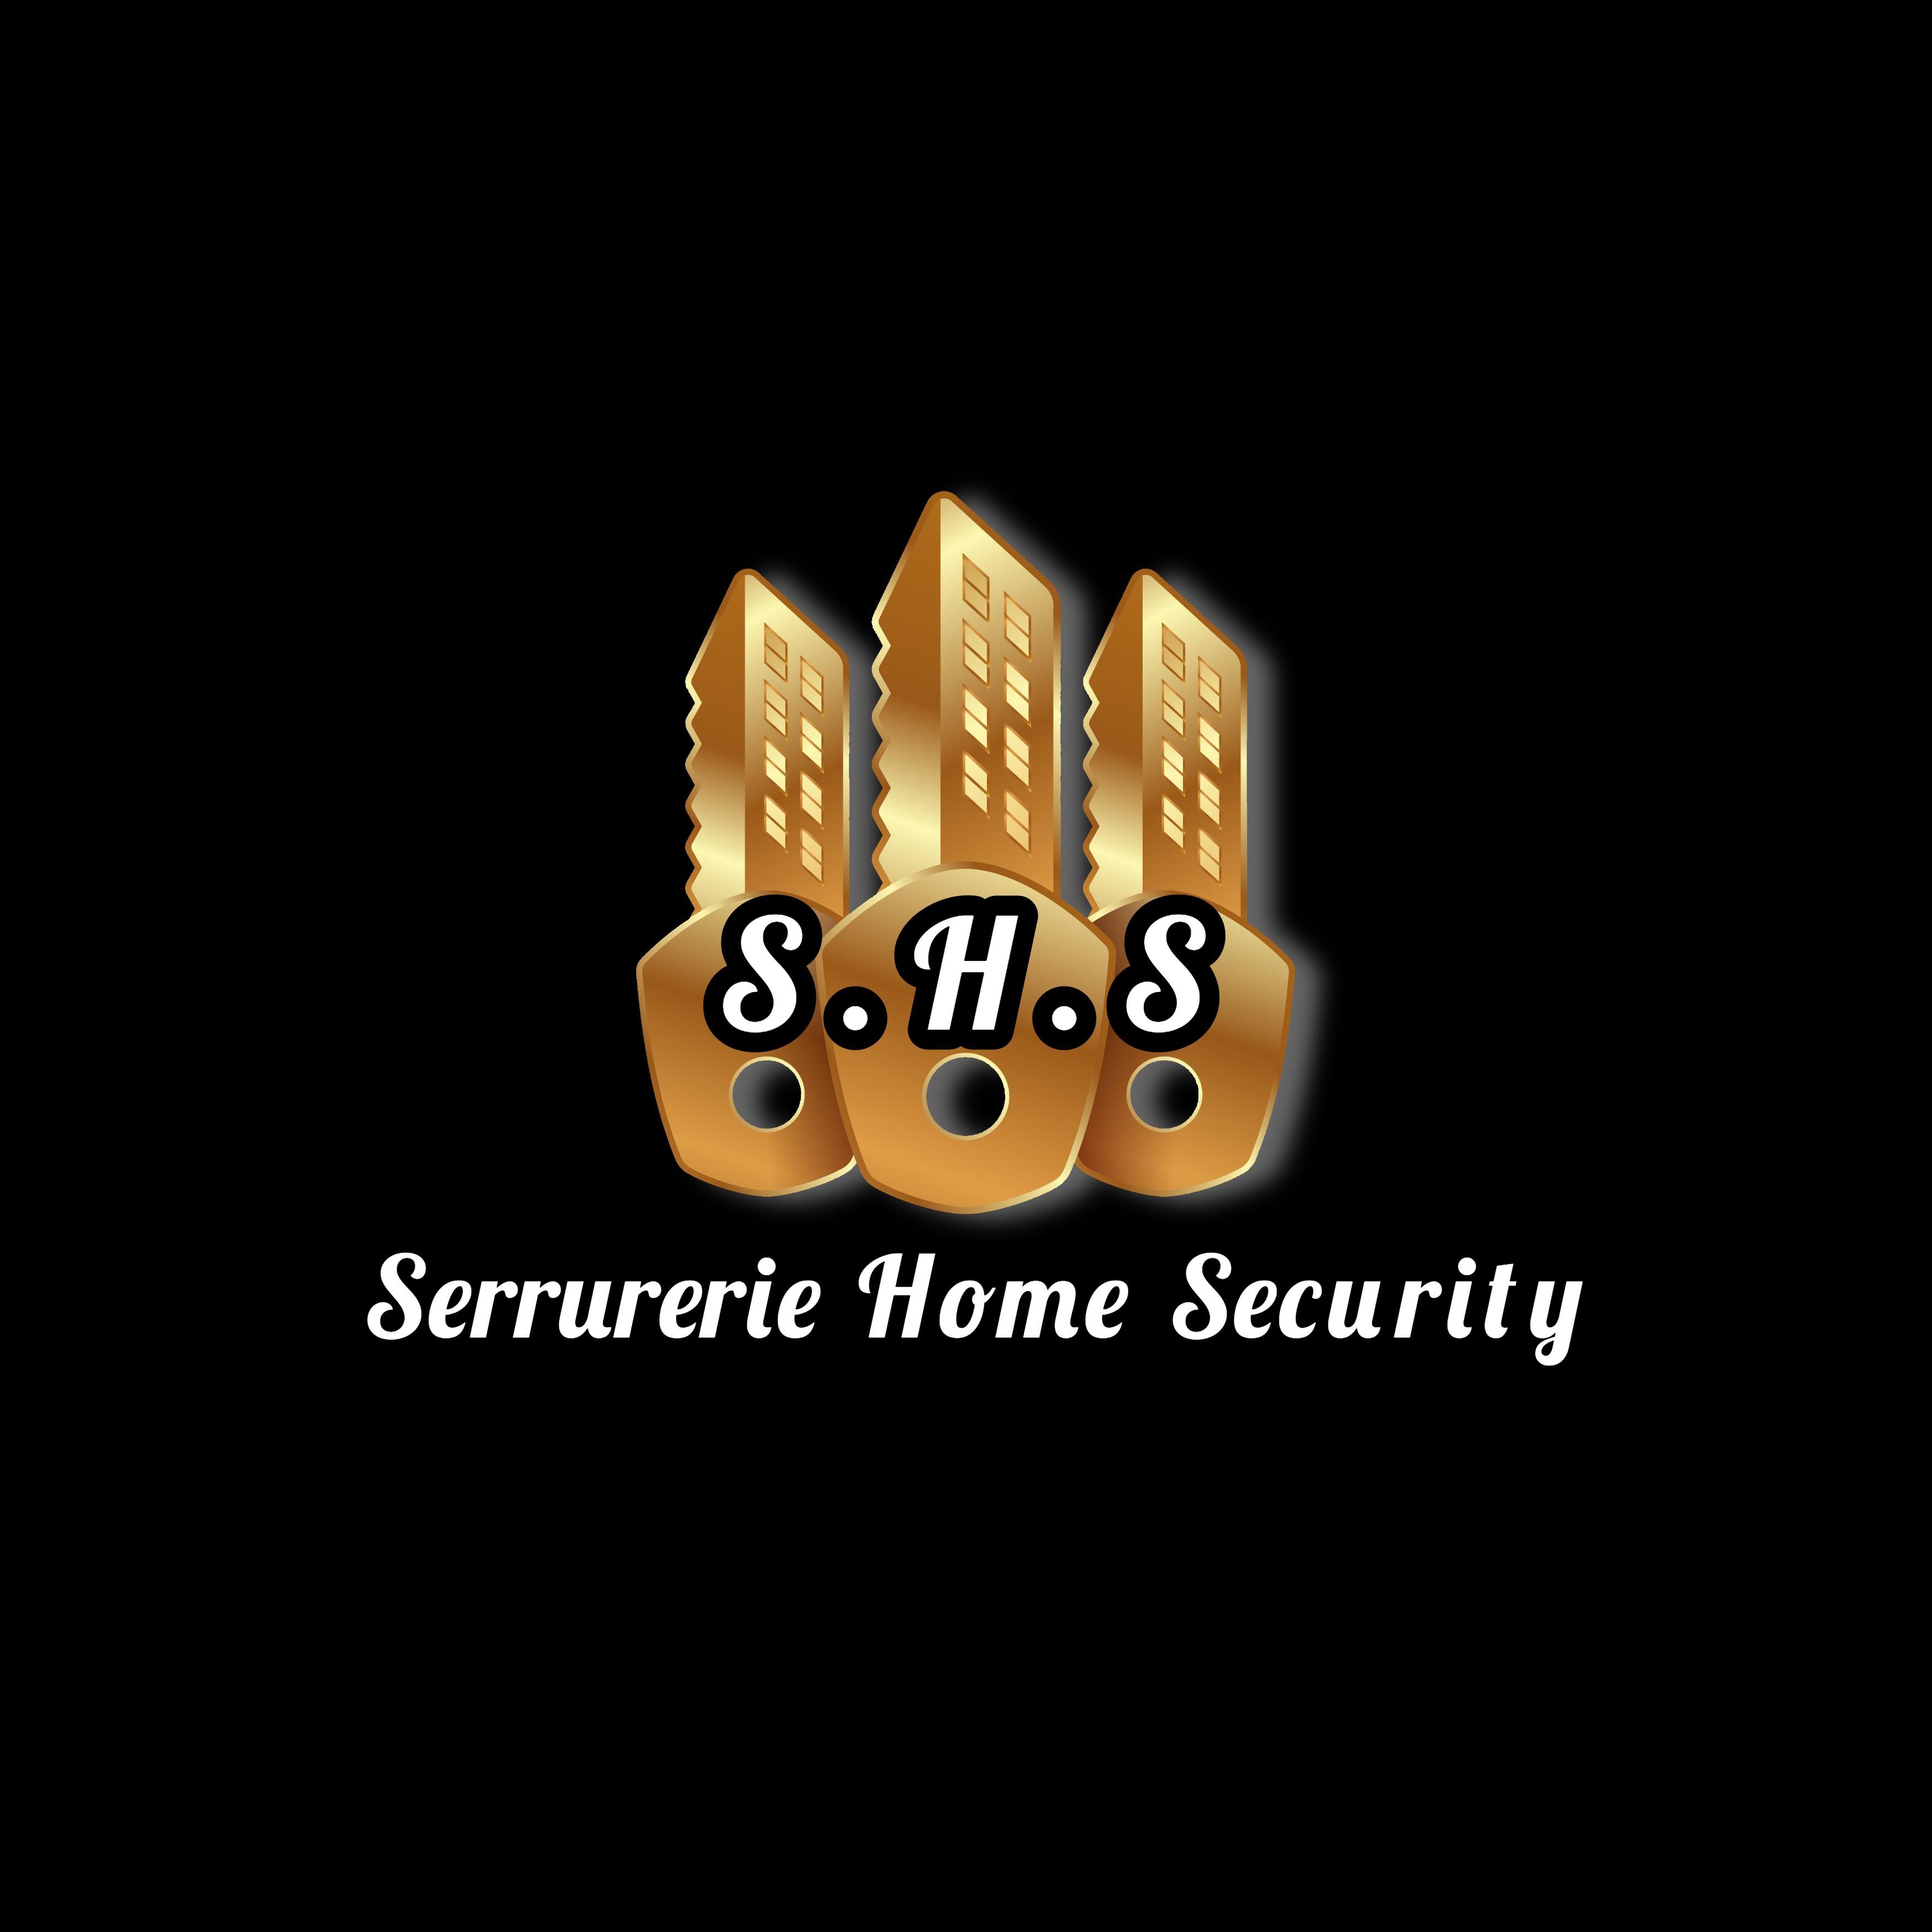 Serrurerie Home Security